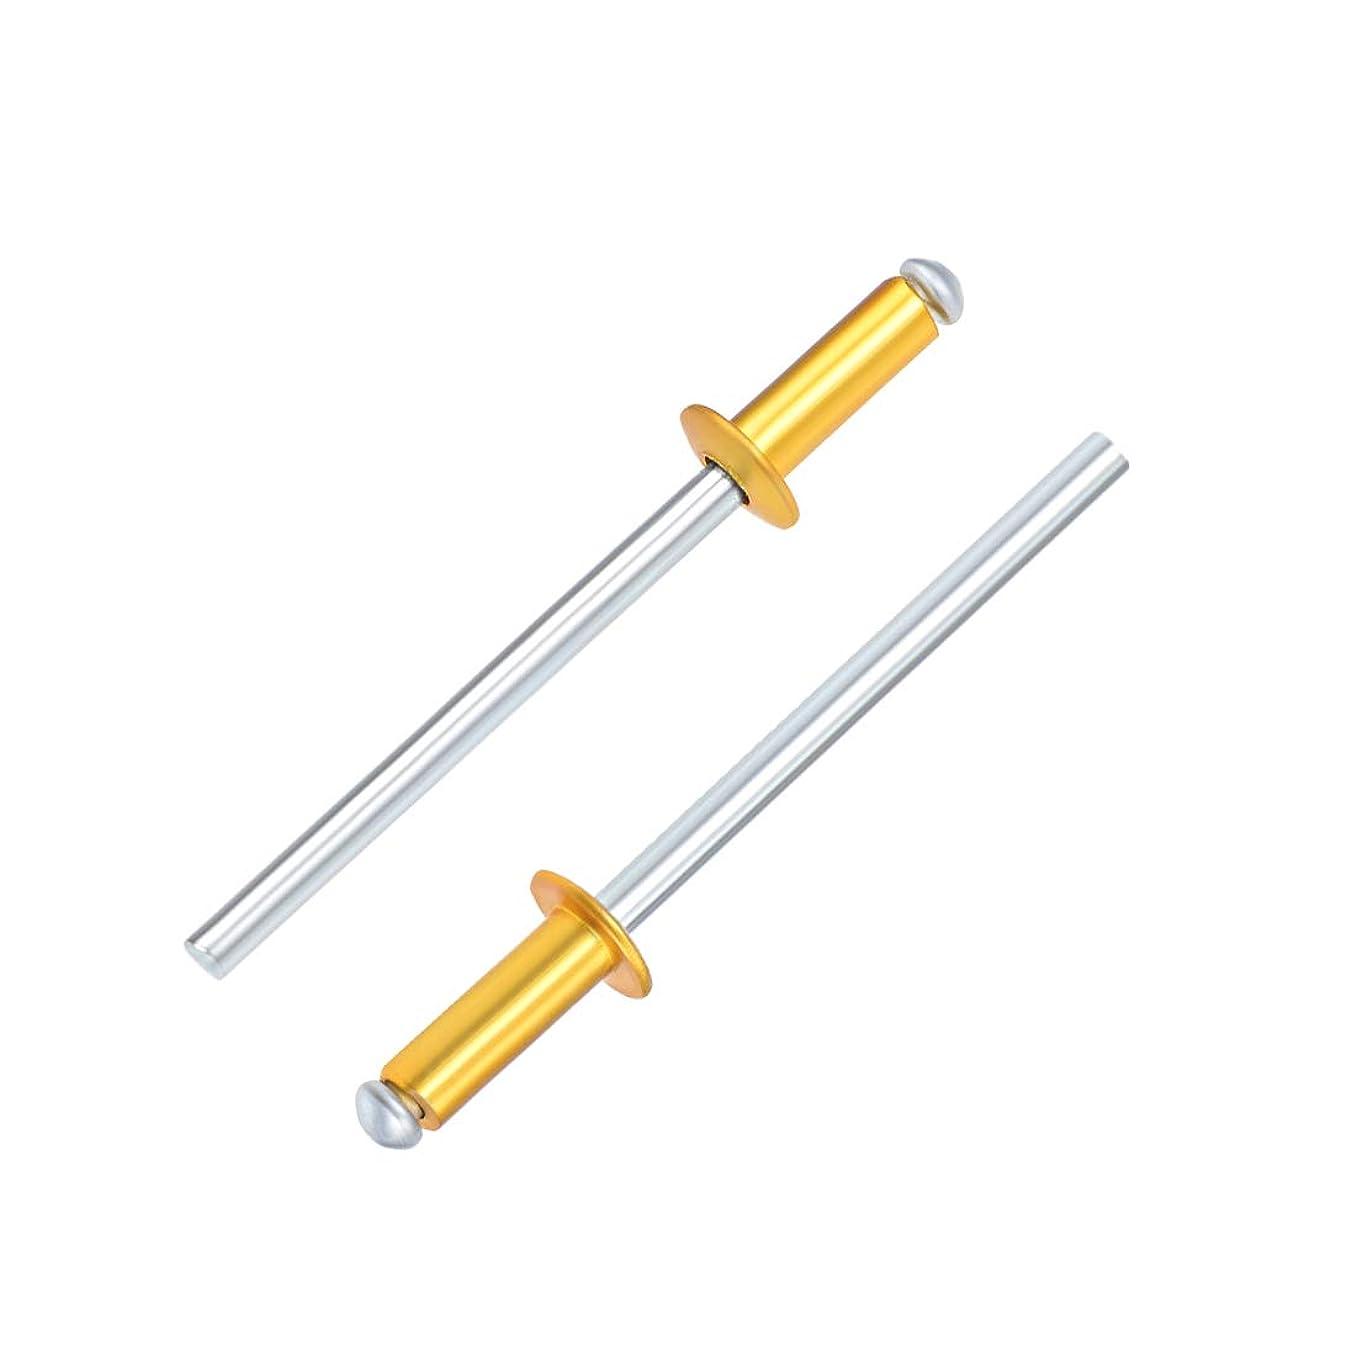 uxcell Aluminum Pop Rivets,1/8